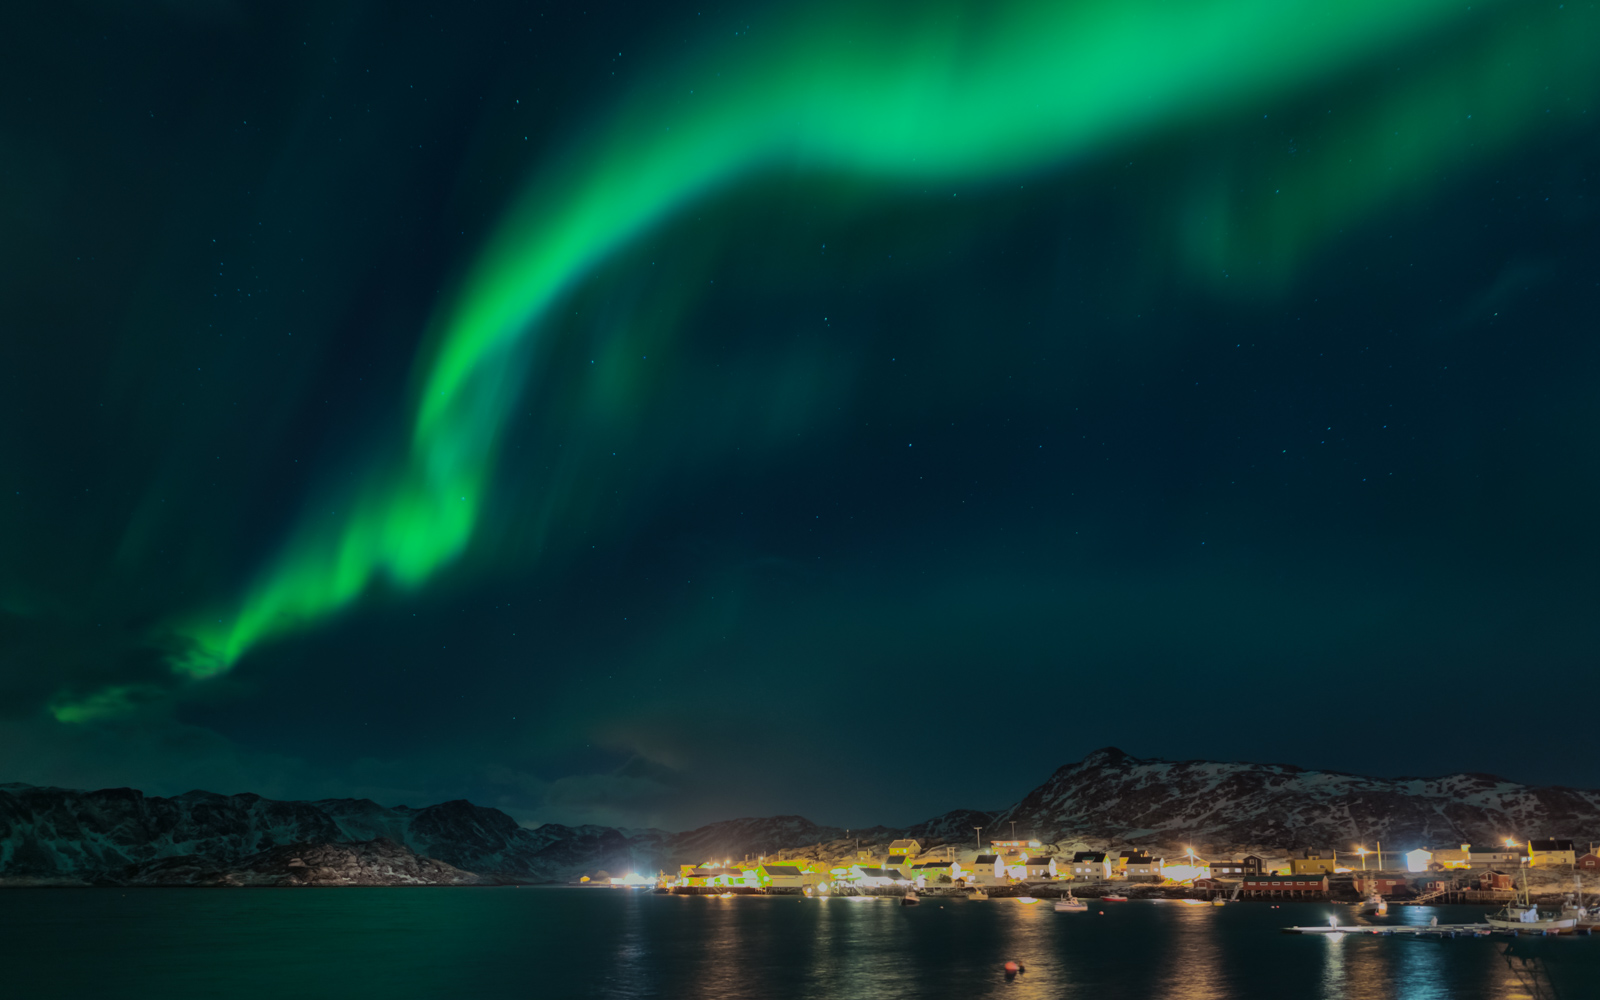 Viaggi di Gruppo  Y1A0486-Modifica-2 [CONCLUSO] Finnmark, la Norvegia Sconosciuta. Viaggio fotografico. 12-19 FEB 2019